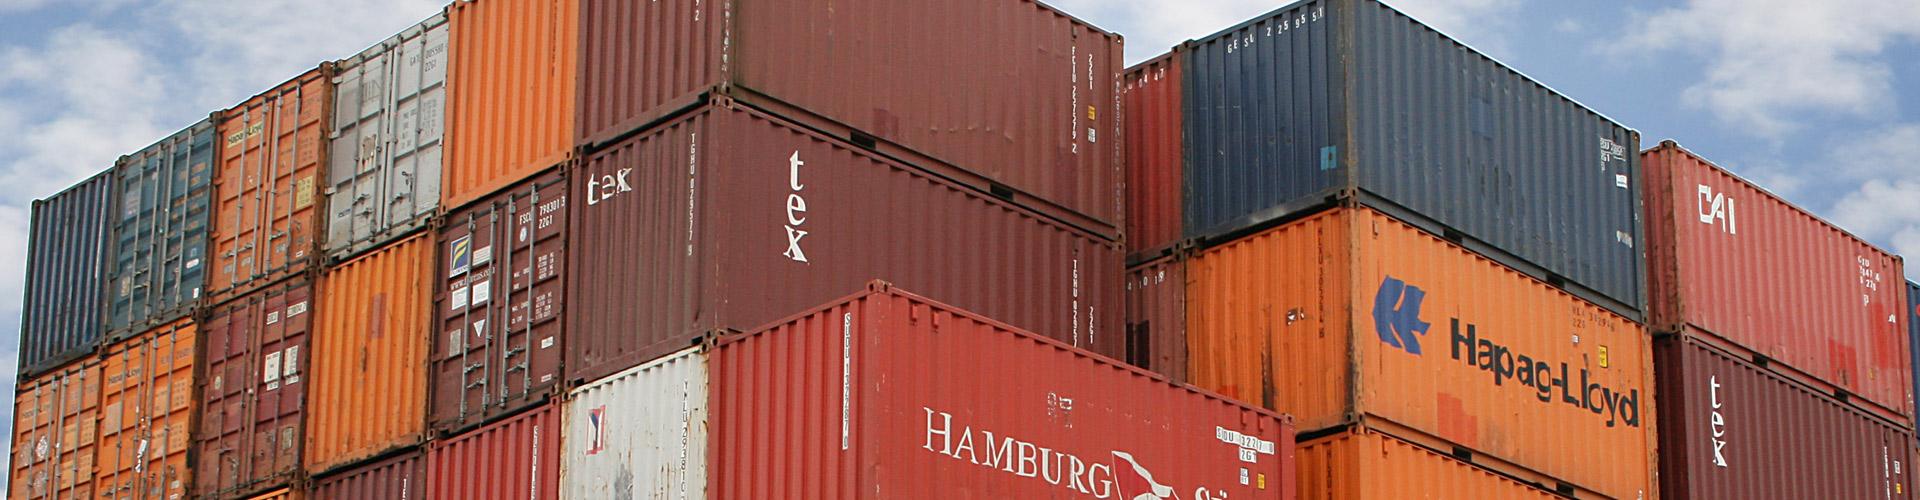 startseite_containerlagerung2